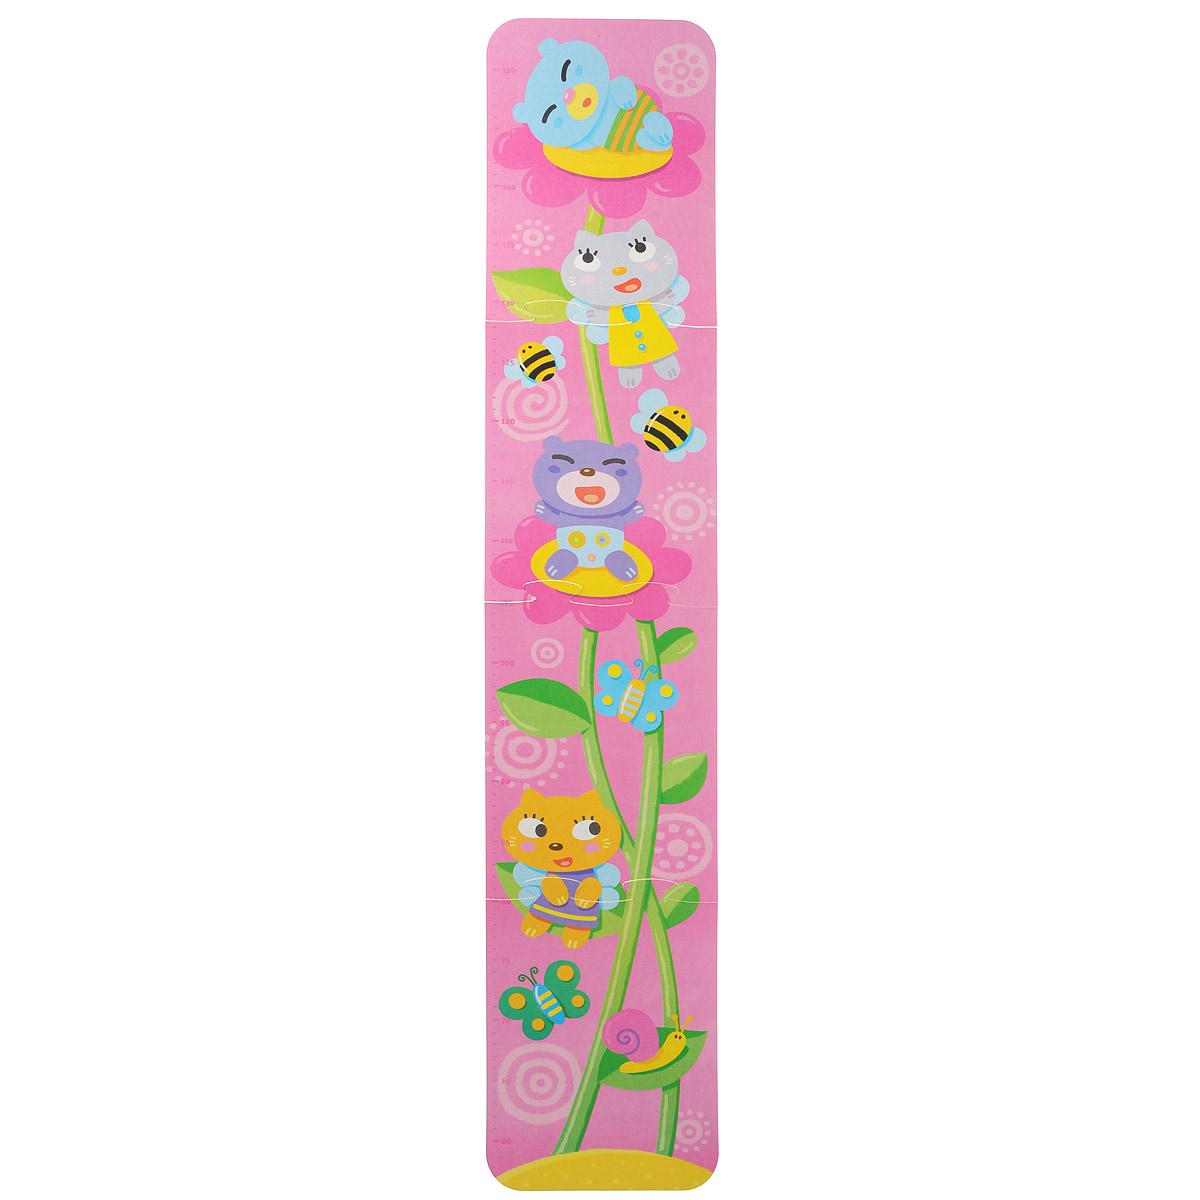 Ростомер-пазл Десятое королевство Цветочек, 99 см х 19 см01320Ростомер-пазл Десятое королевство Цветочек станет полезным и привлекательным украшением детской комнаты для маленькой принцессы. Нежный розовый цвет фона и узор из растущих, тянущихся к небу цветочков с расположившимися на них симпатичными зверьками и кружащими рядом бабочками и пчелками понравятся любой девочке. Ростомер можно использовать и как развивающую игрушку: малышка без труда сможет собрать его сама из четырех элементов. Прикрепите собранный ростомер на стену или дверь и отмечайте на нем динамику роста вашей дочки. С таким ростомером расти гораздо веселее!